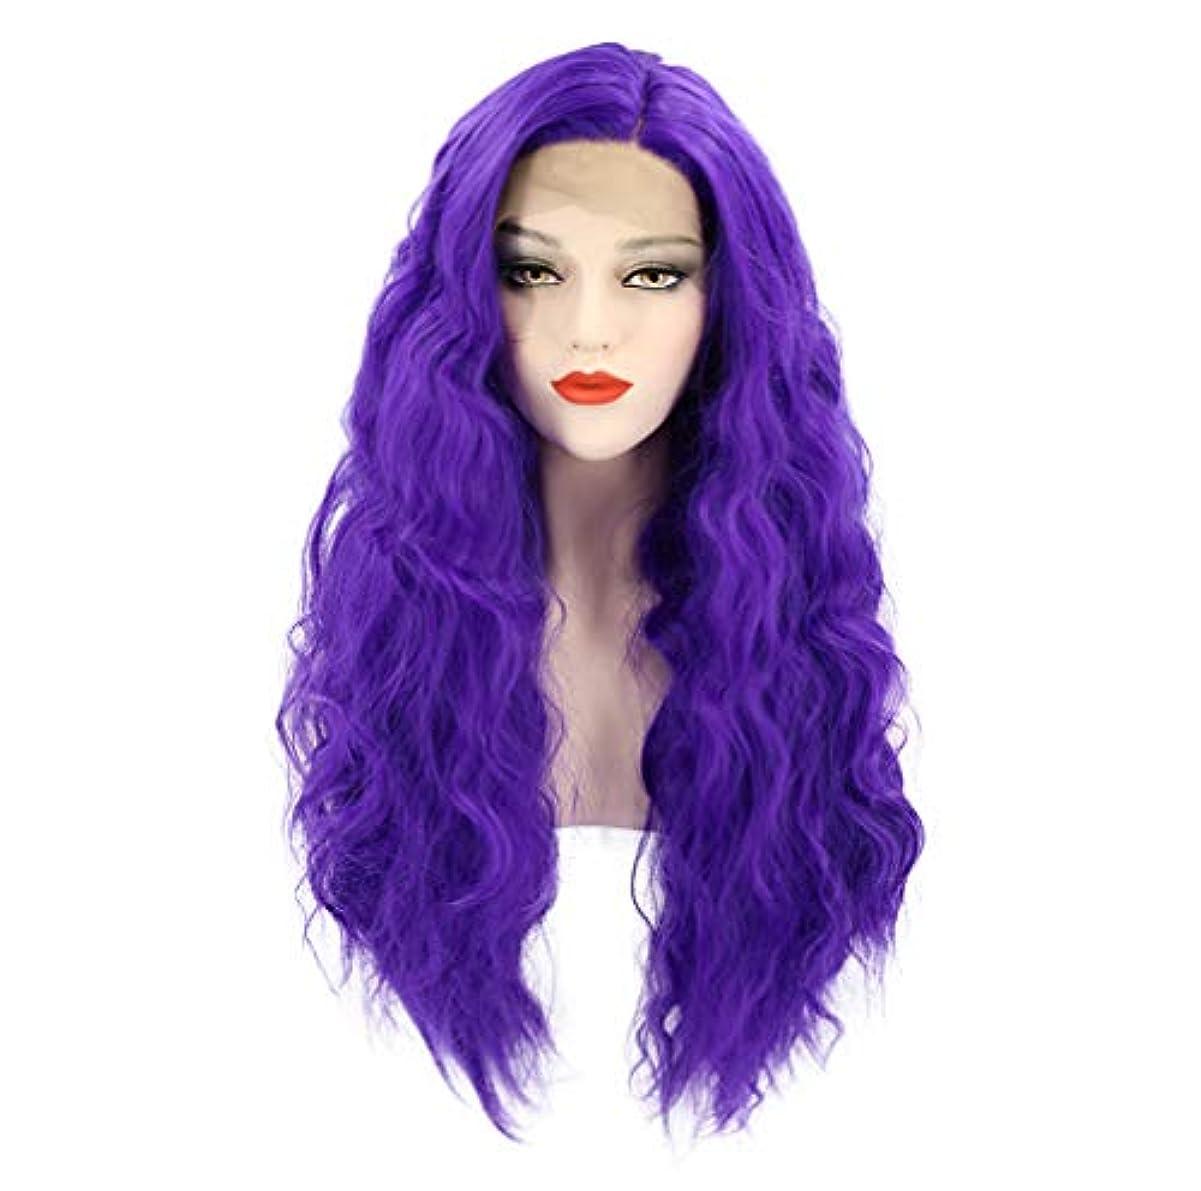 目覚めるレタスブラジャー女性かつらフロントレース長い巻き毛アフロ人工毛サイドパーツかつら150%密度で無料かつらキャップ紫26インチ